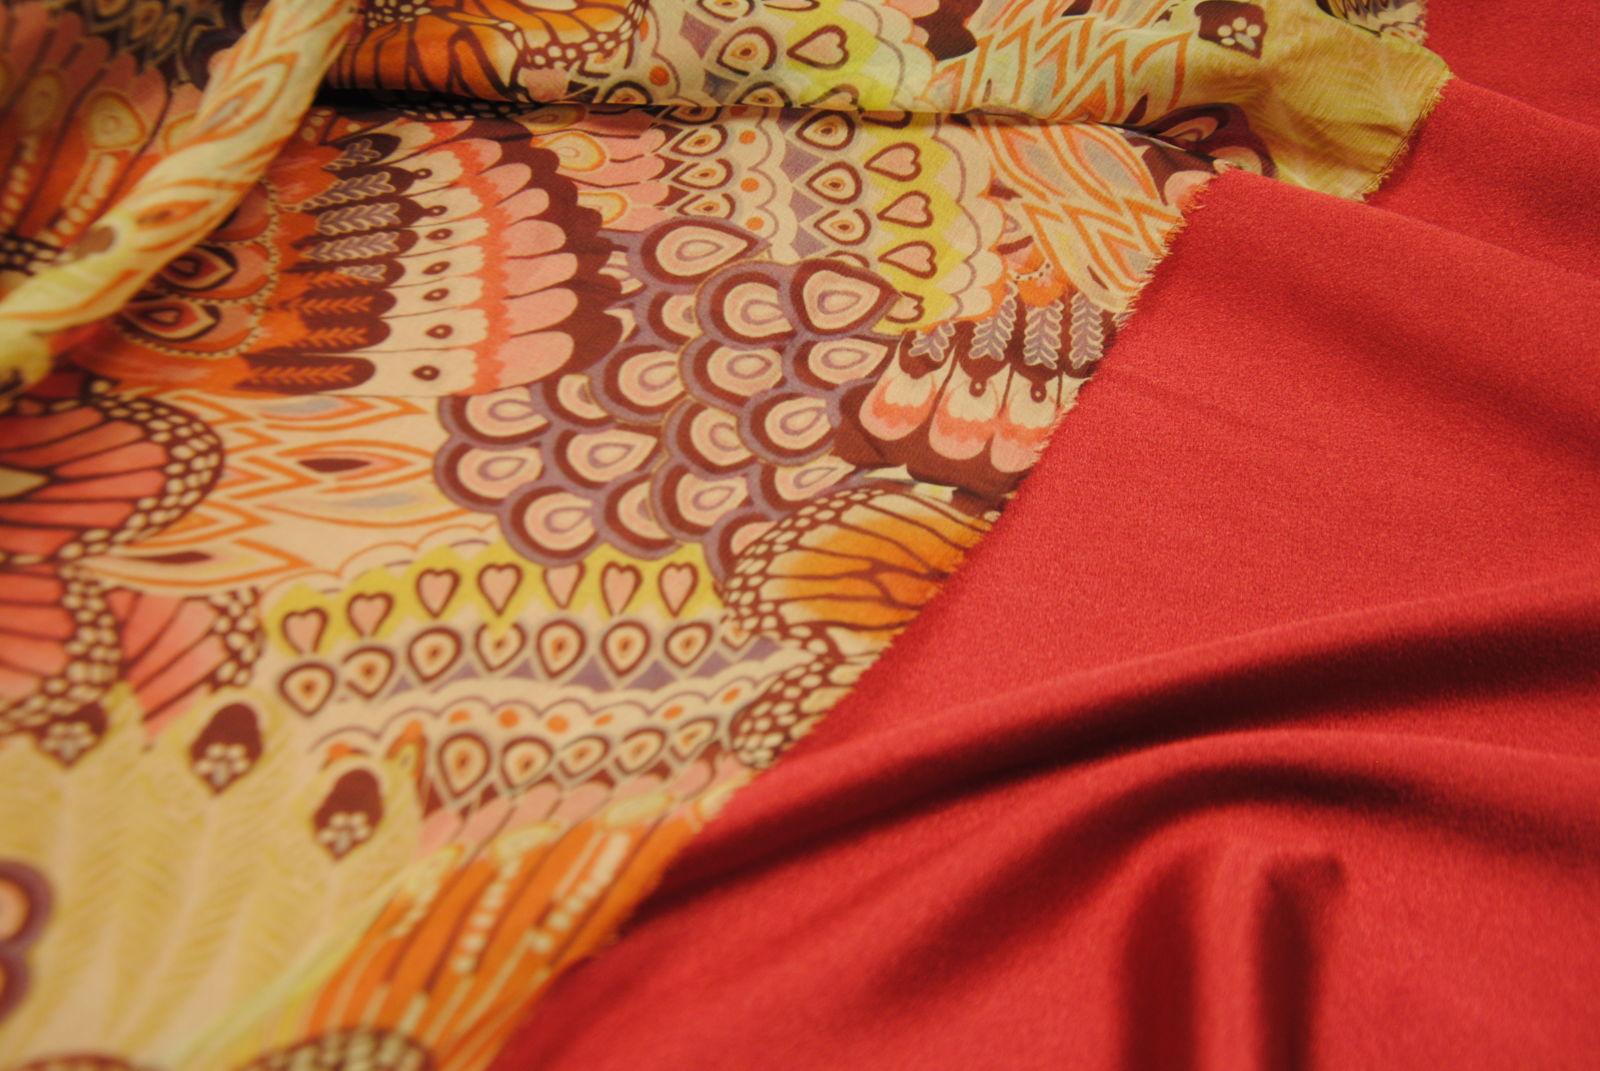 DSC 0928 Butterfly & Colors